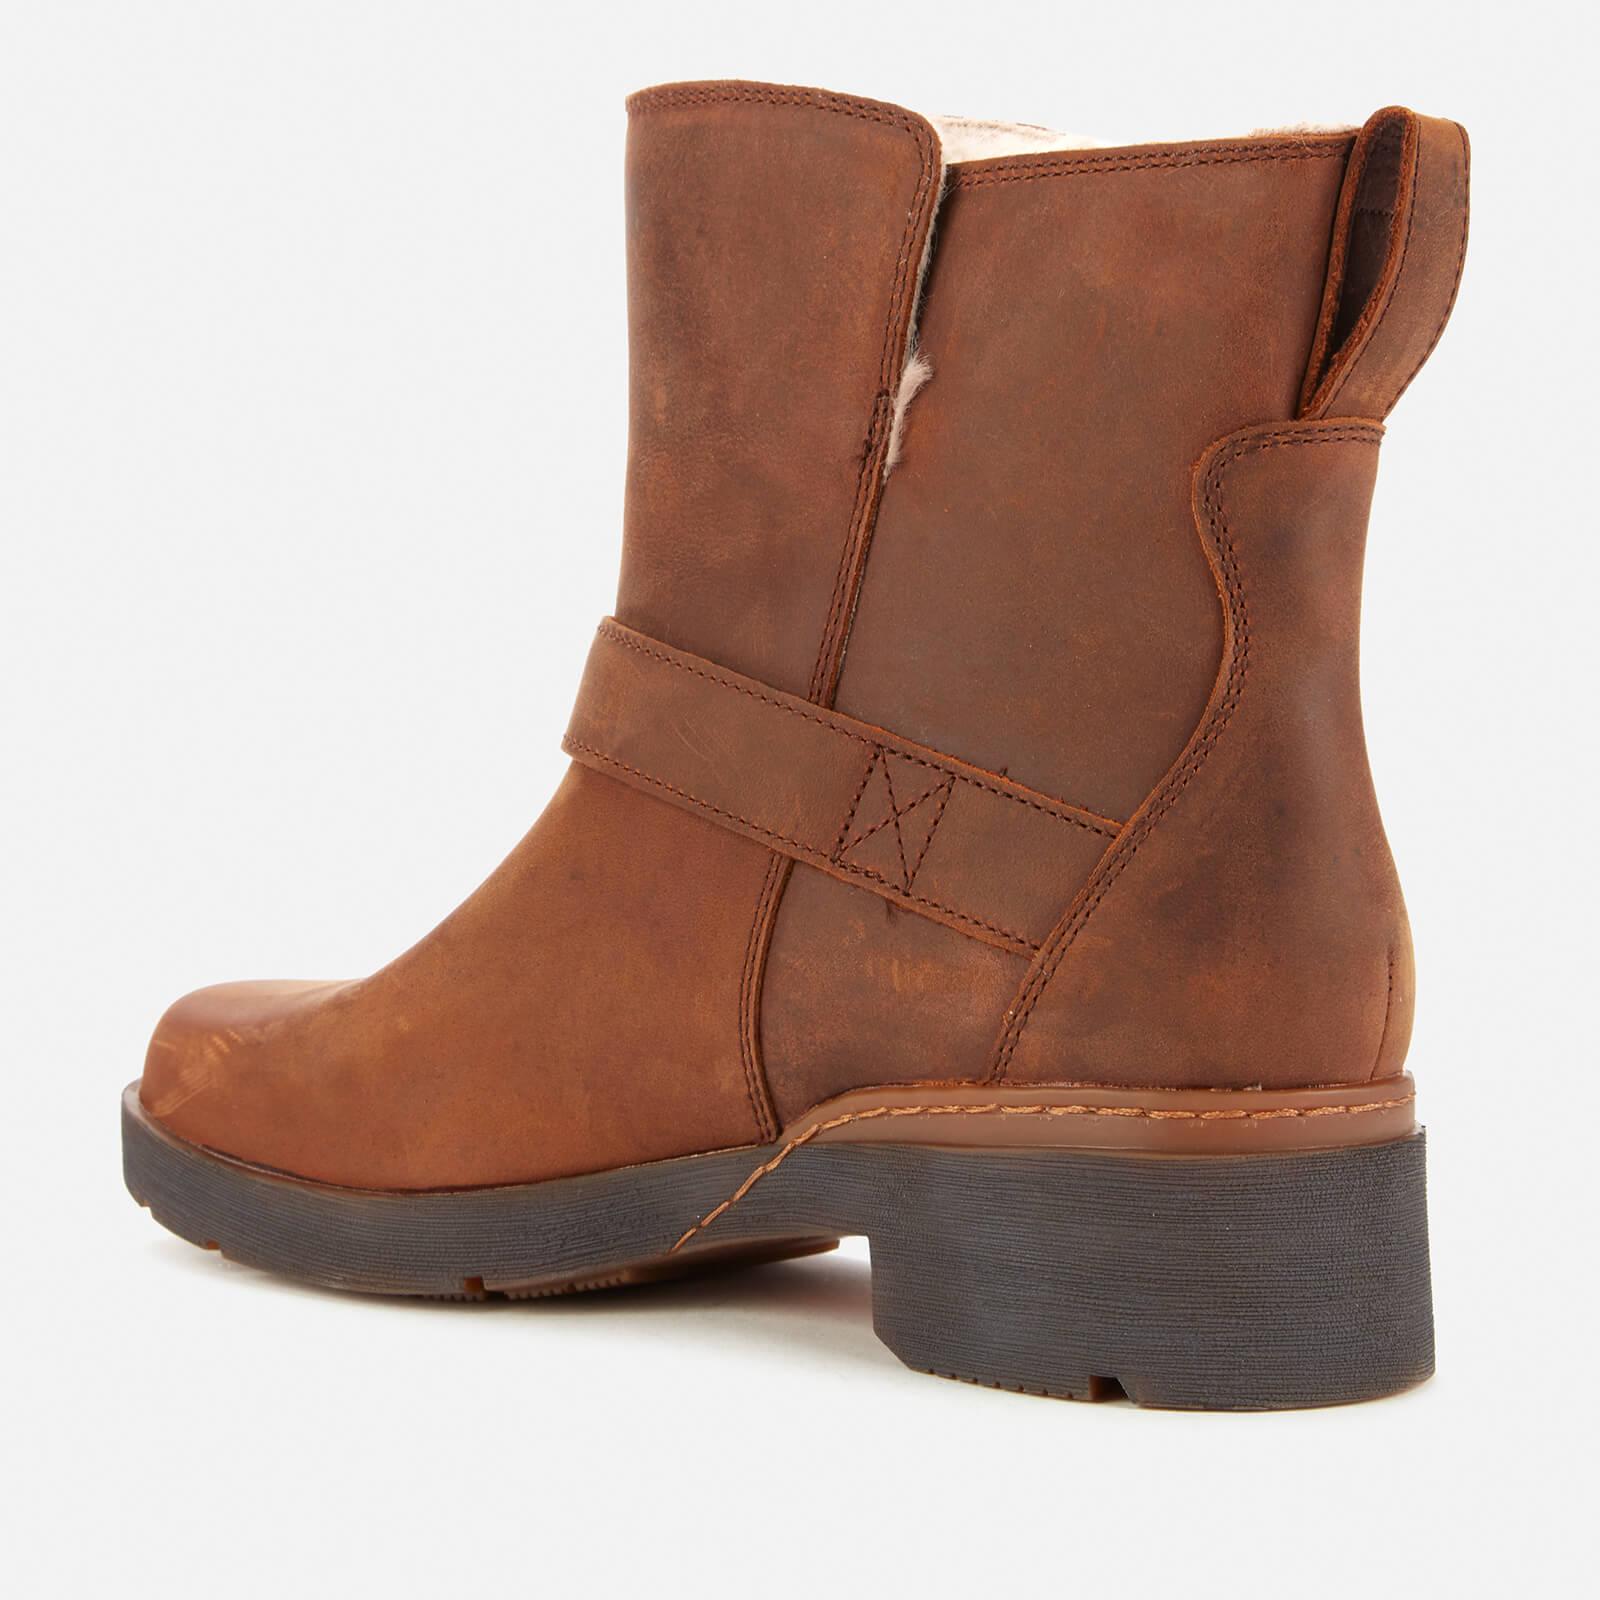 Timberland Women's Graceyn Waterproof Leather Biker Boots - Rust - Uk 3